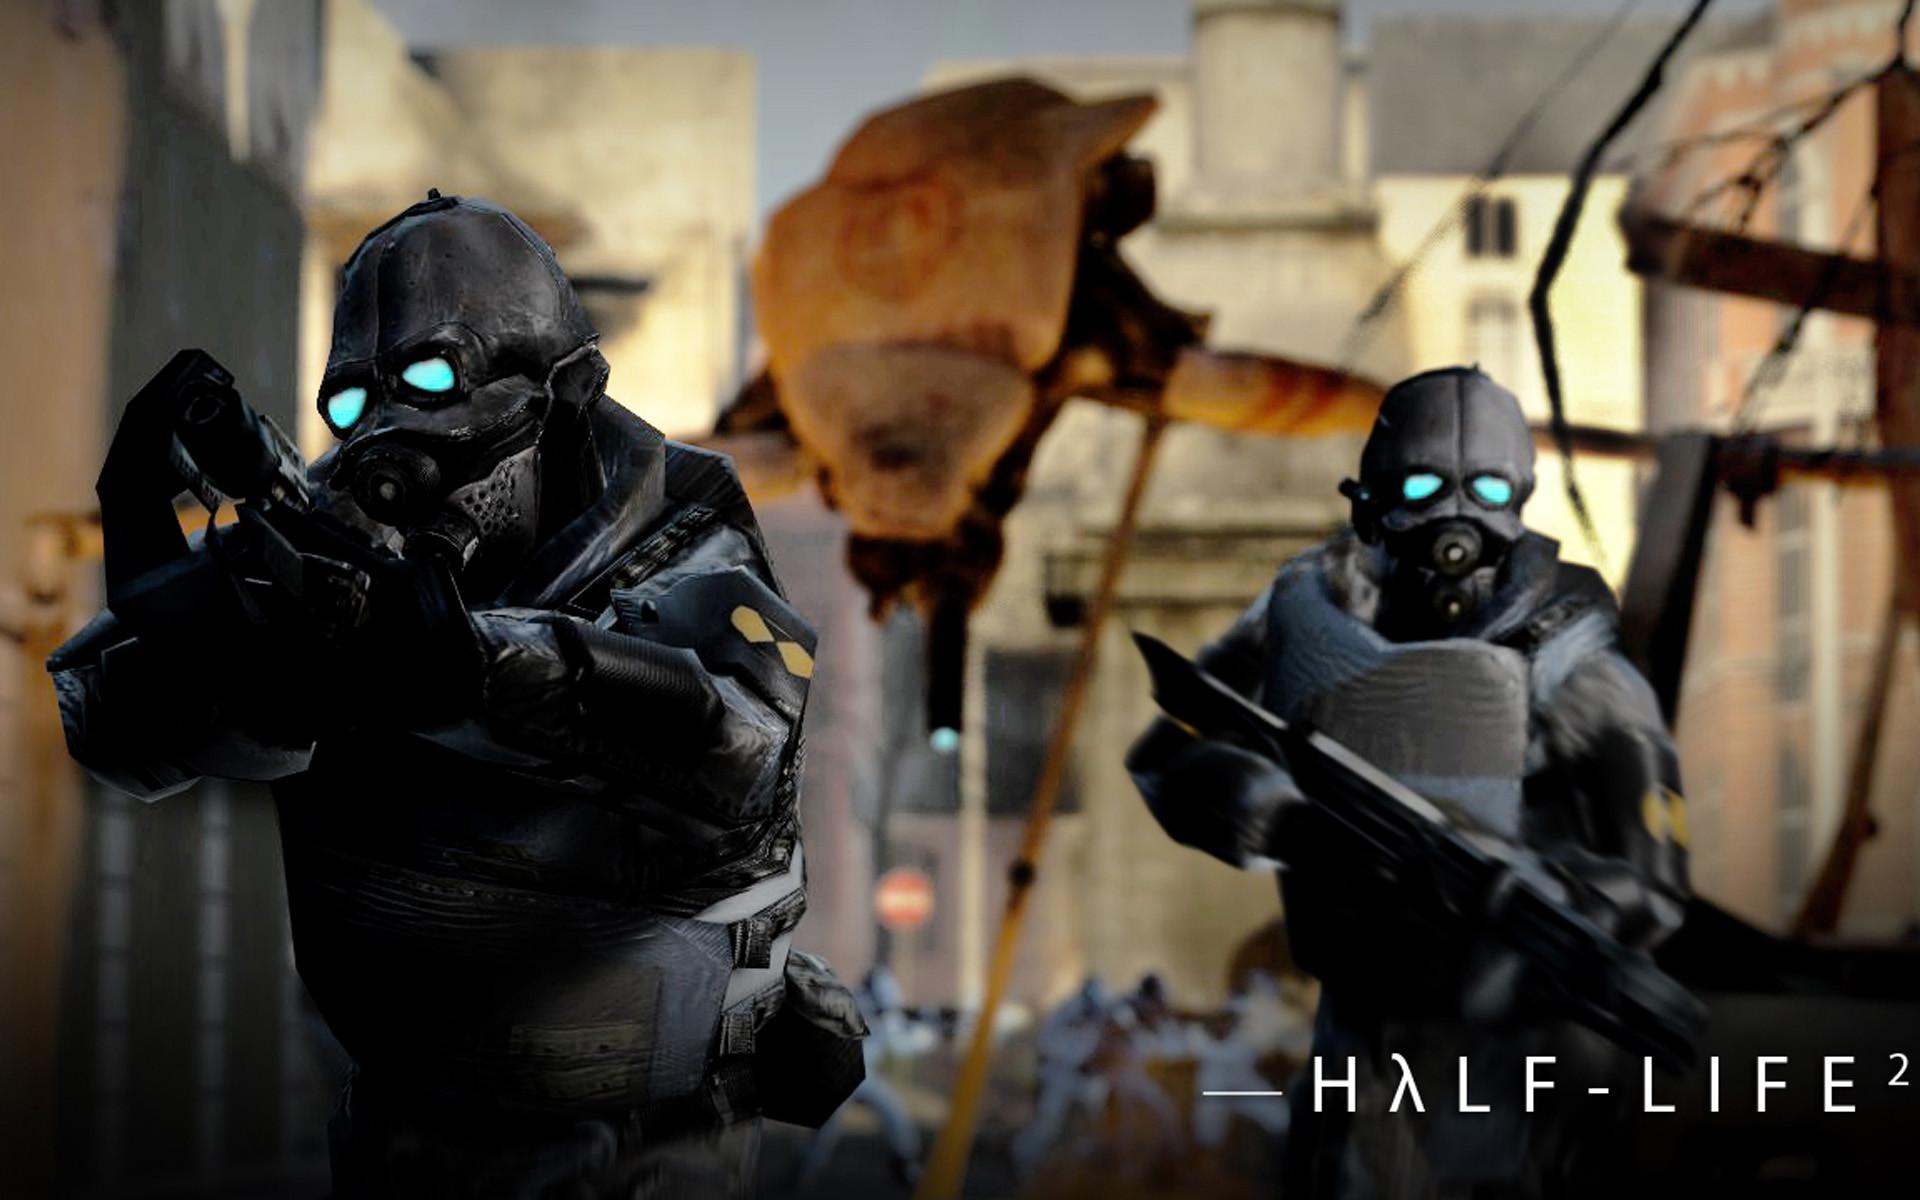 Half Life 2 Wallpaper HD 77 images 1920x1200